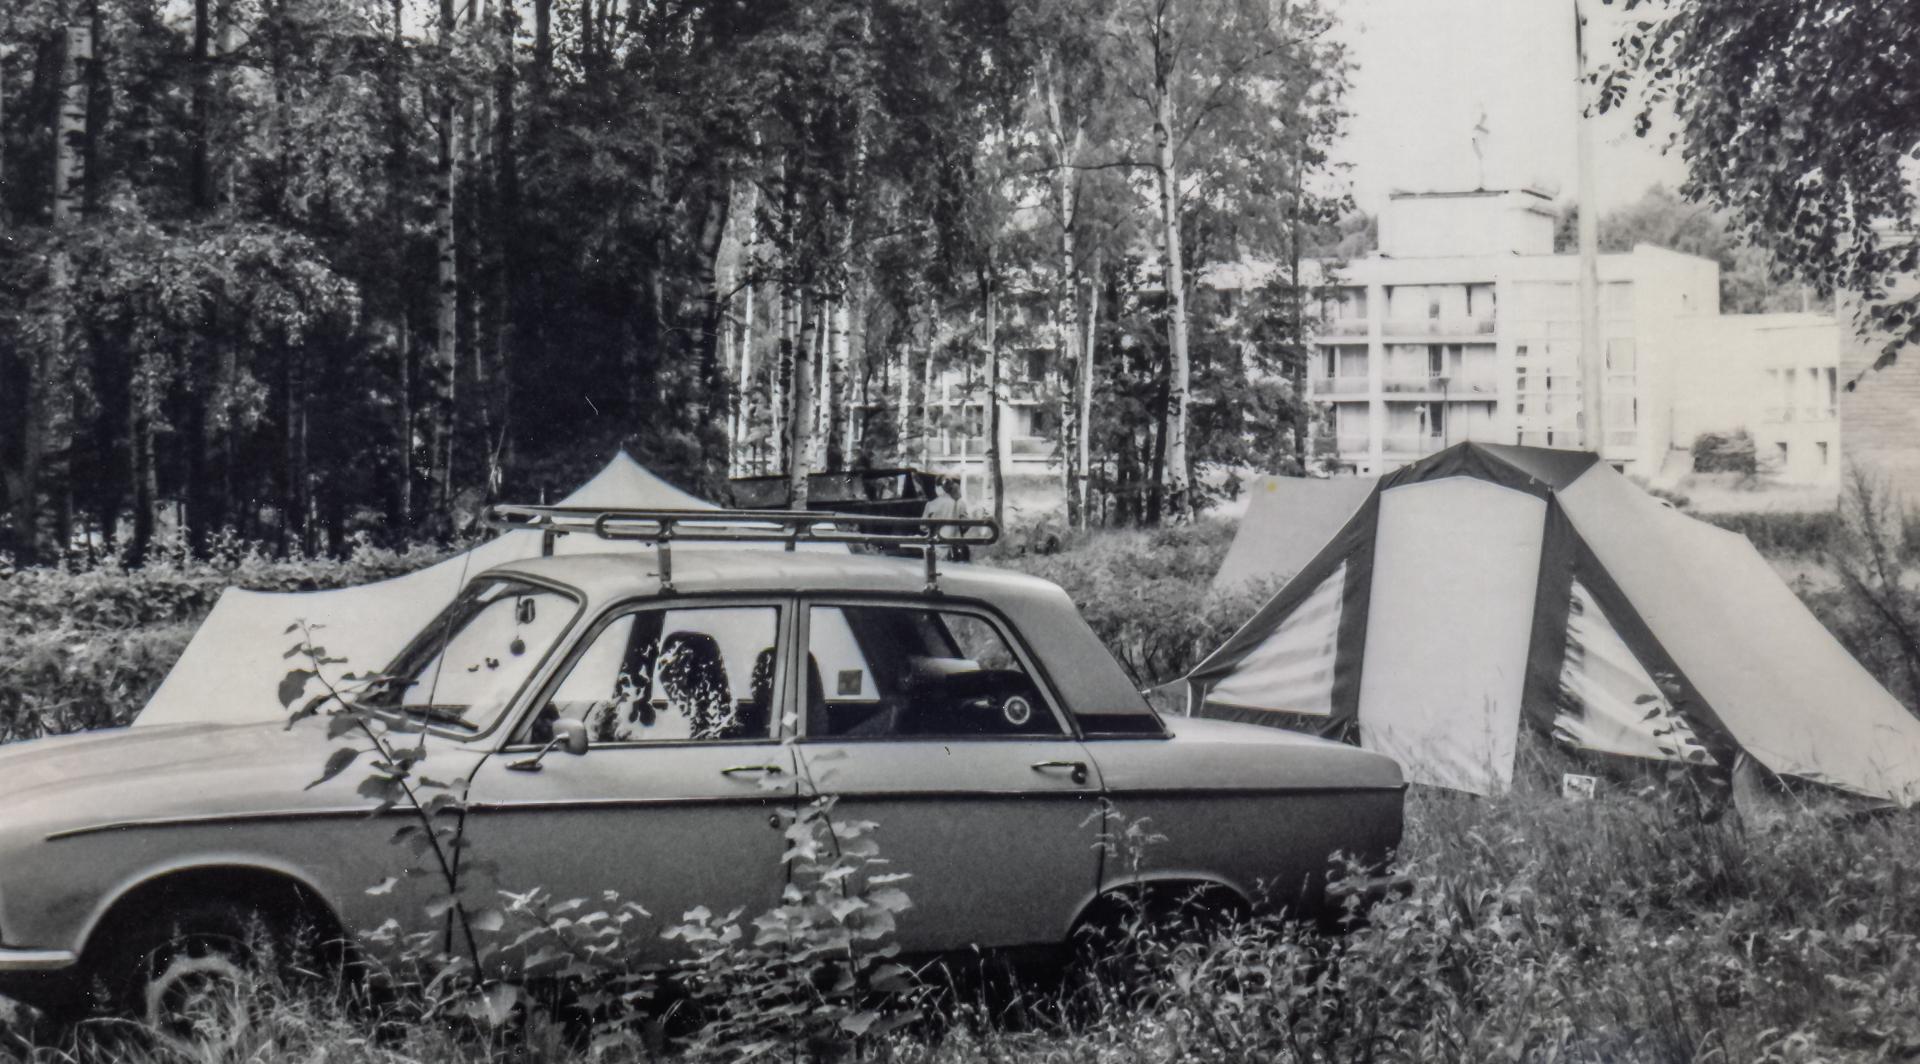 leningrad-1983-08jpg_27238608678_o.jpg